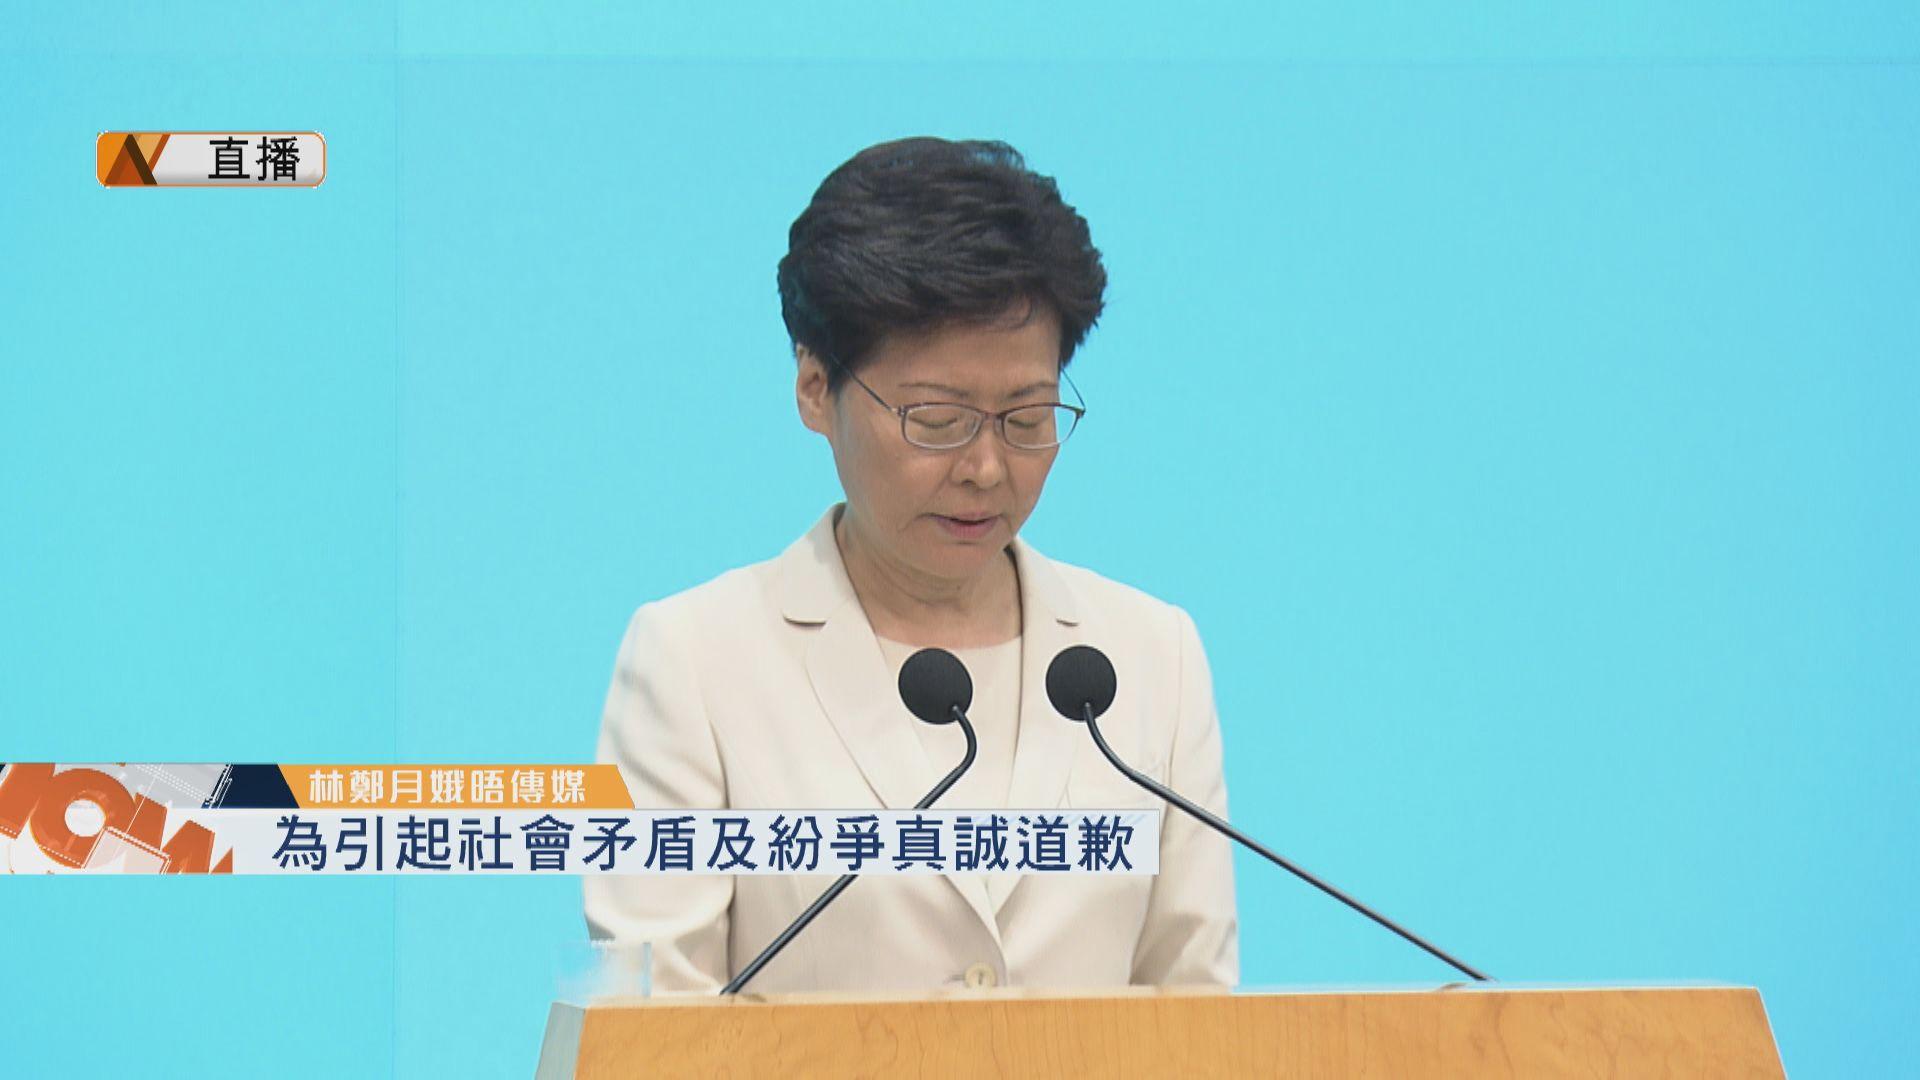 【最新】林鄭月娥為引起社會矛盾和紛爭致歉